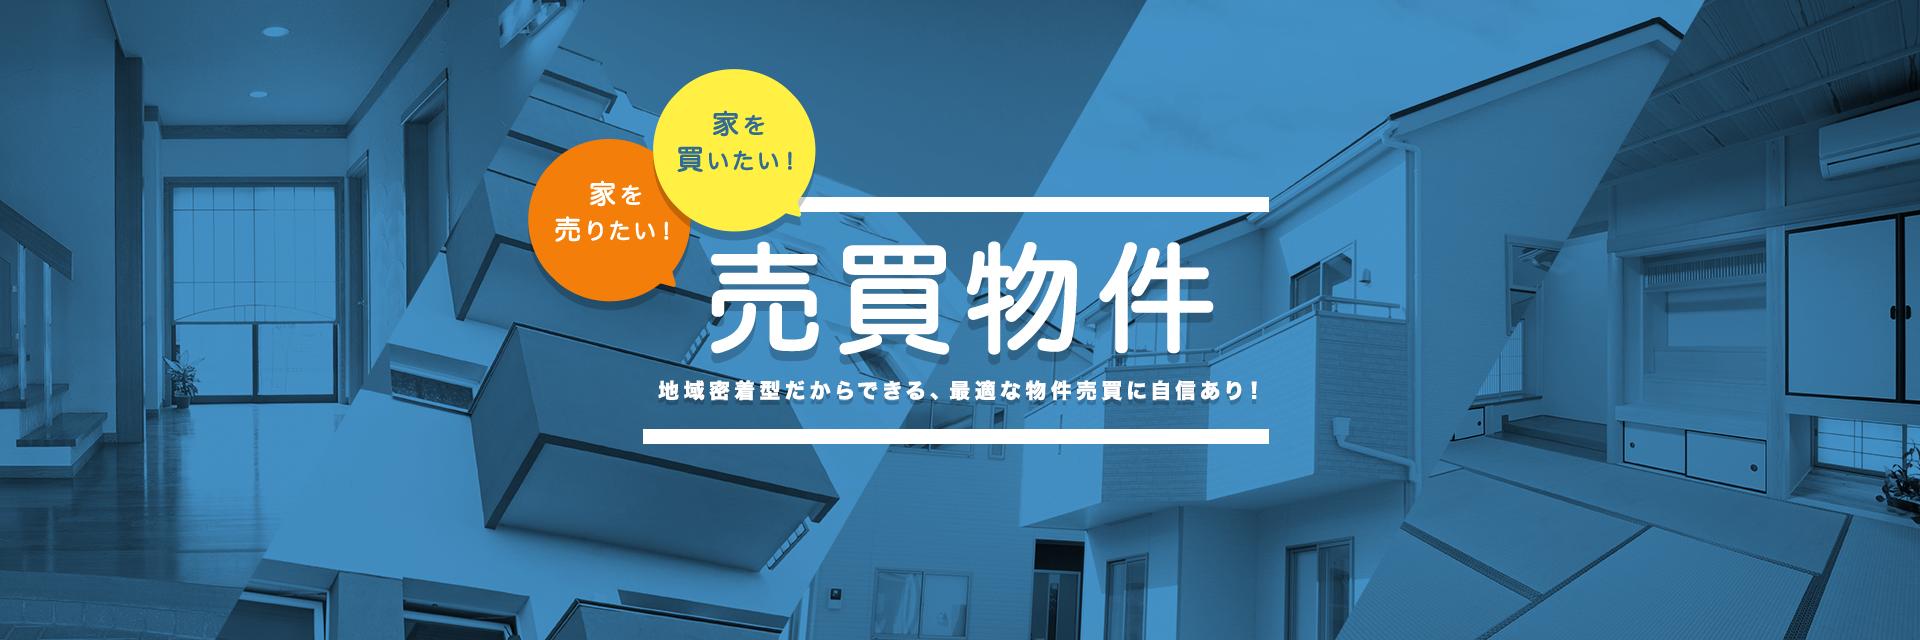 家を買いたい!家を売りたい!売買物件 地域密着型だからできる、最適な物件売買に自信あり!